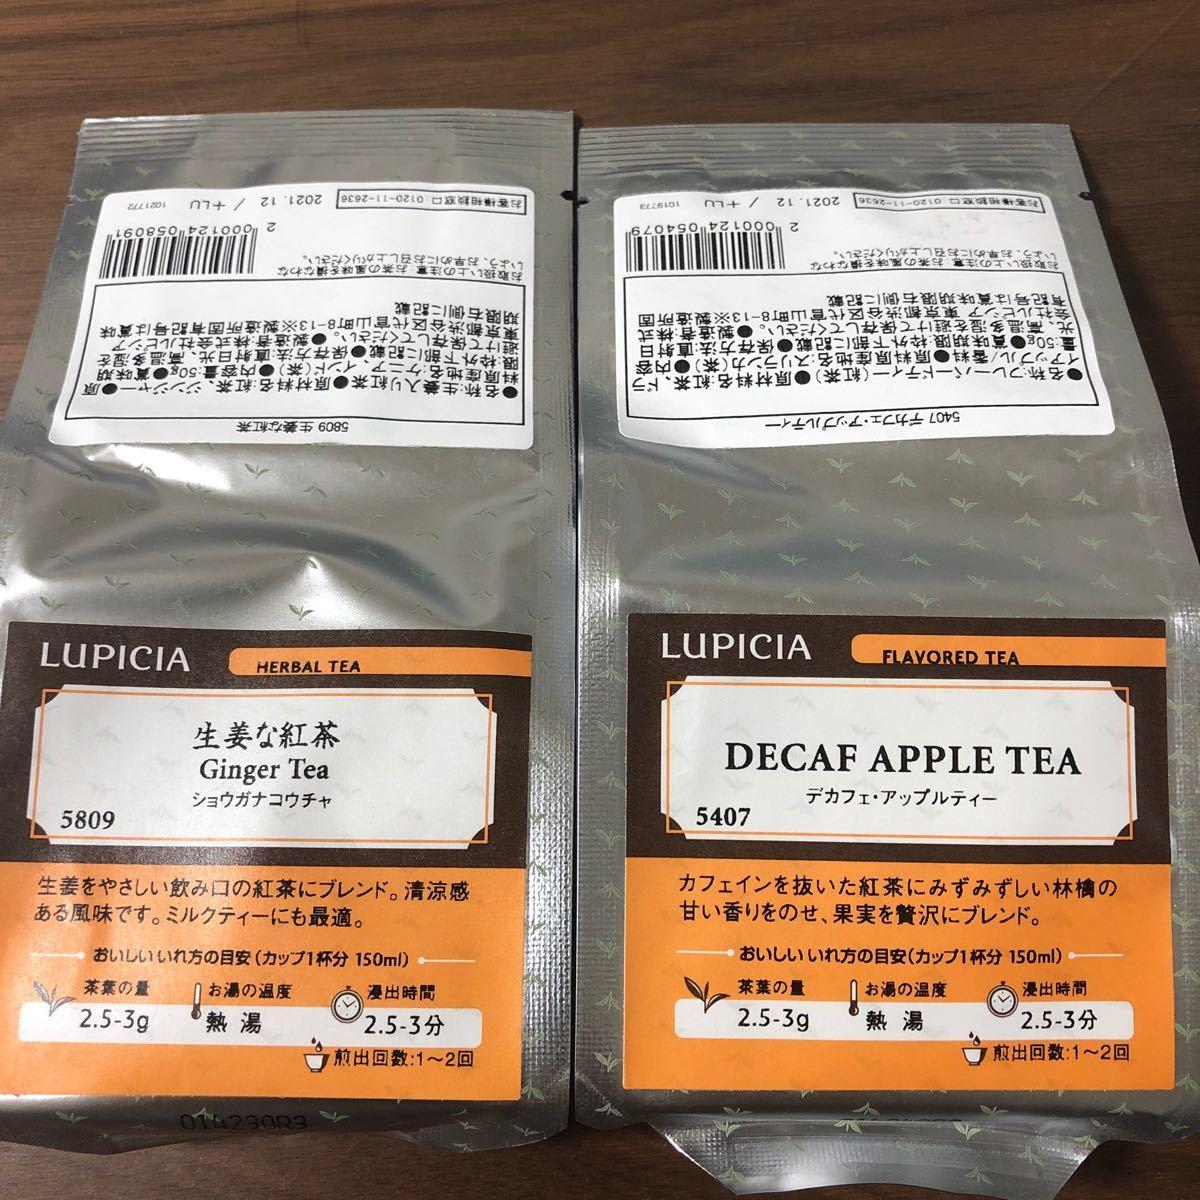 ルピシア LUPICIA 紅茶 フレーバーティー